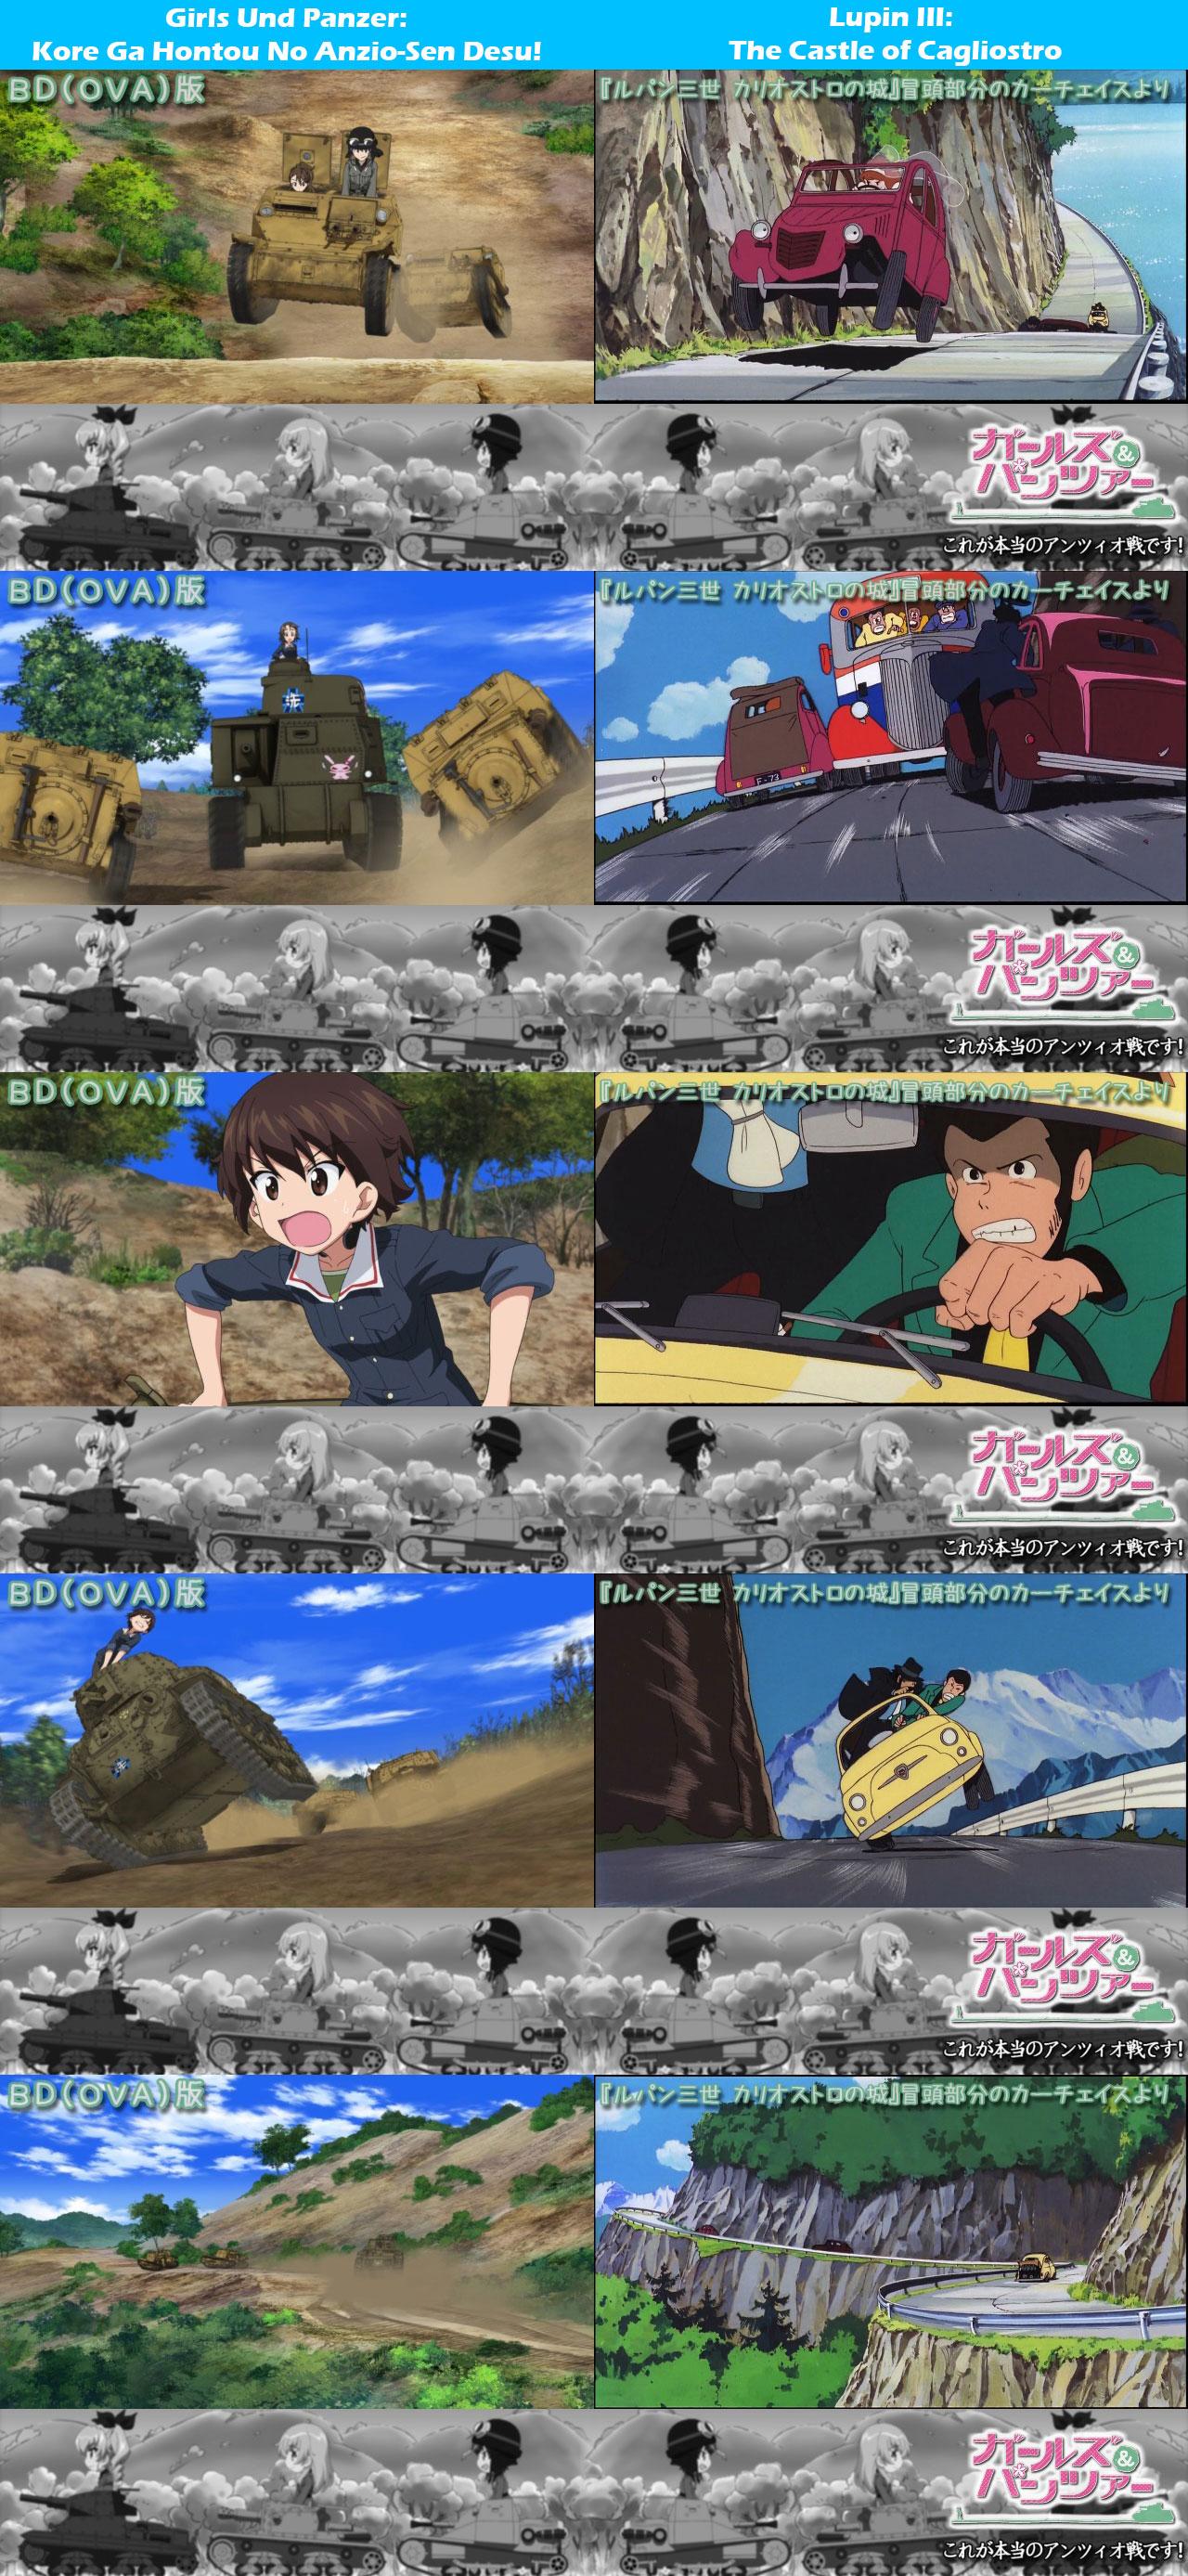 Girls-Und-Panzer-Kore-Ga-Hontou-No-Anzio-Sen-Desu-Lupin-III-The-Castle-of-Cagliostro-Homage-Comparison